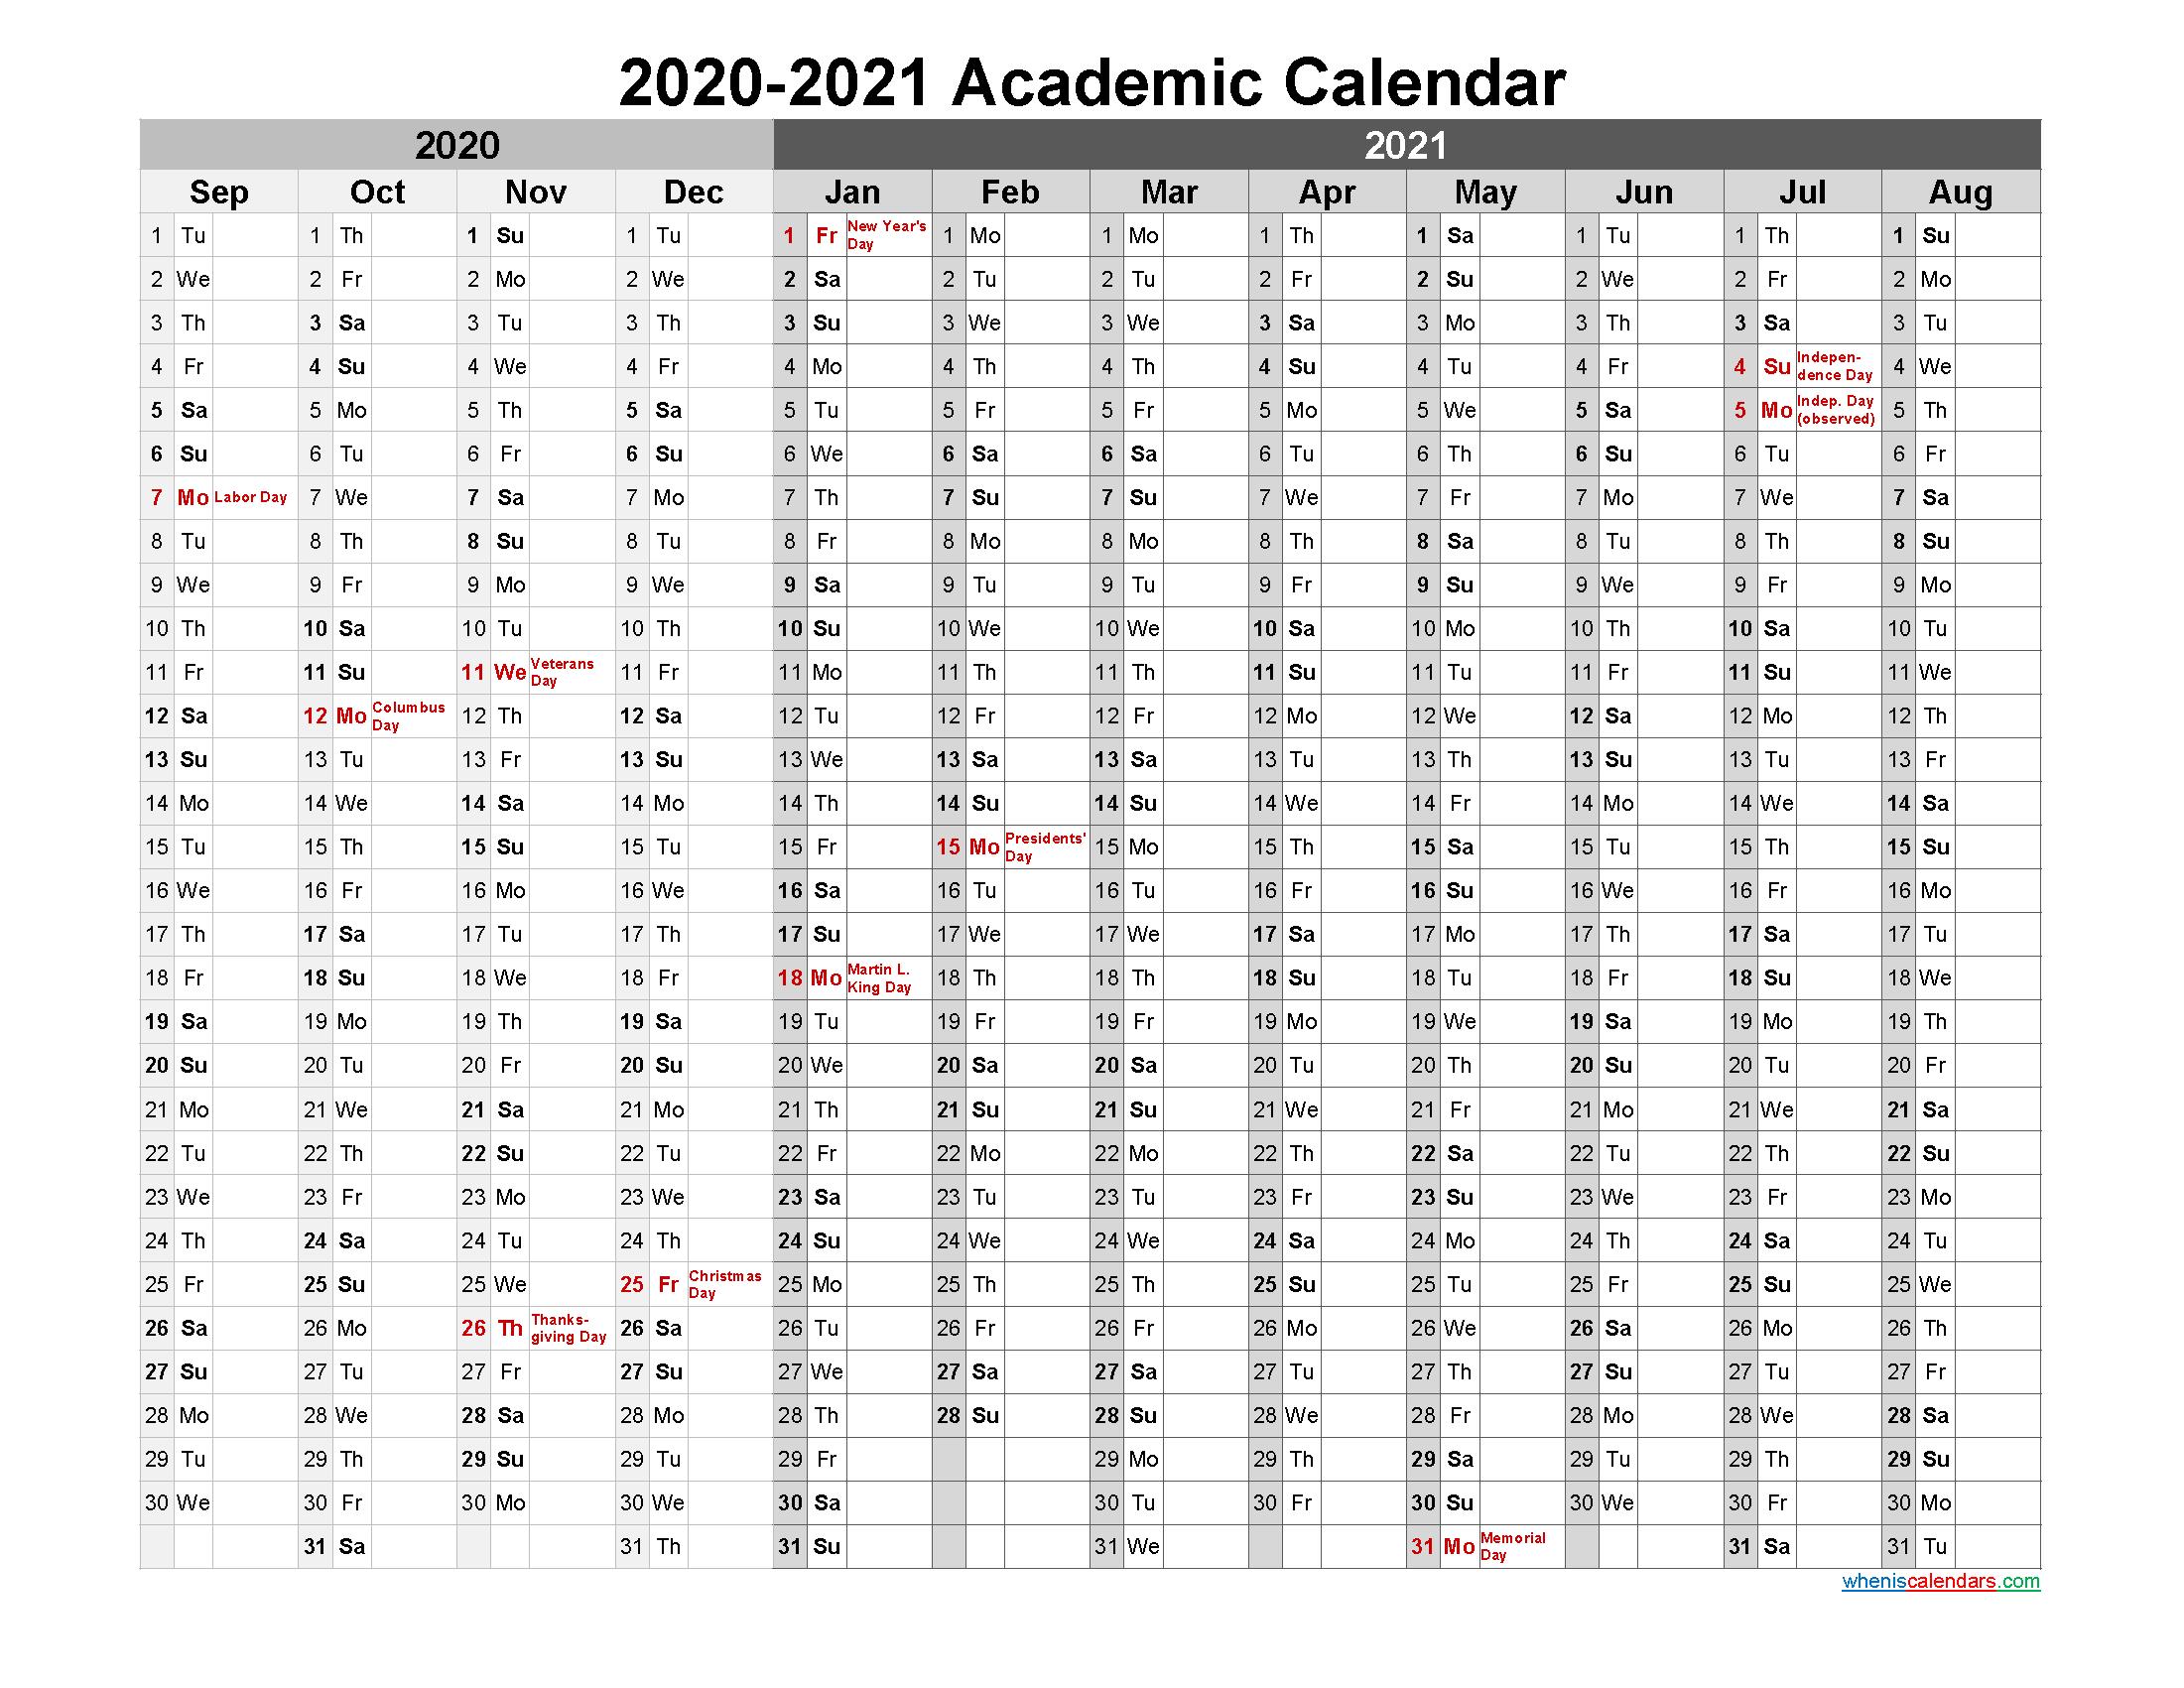 2020 and 2021 Academic Calendar Printable